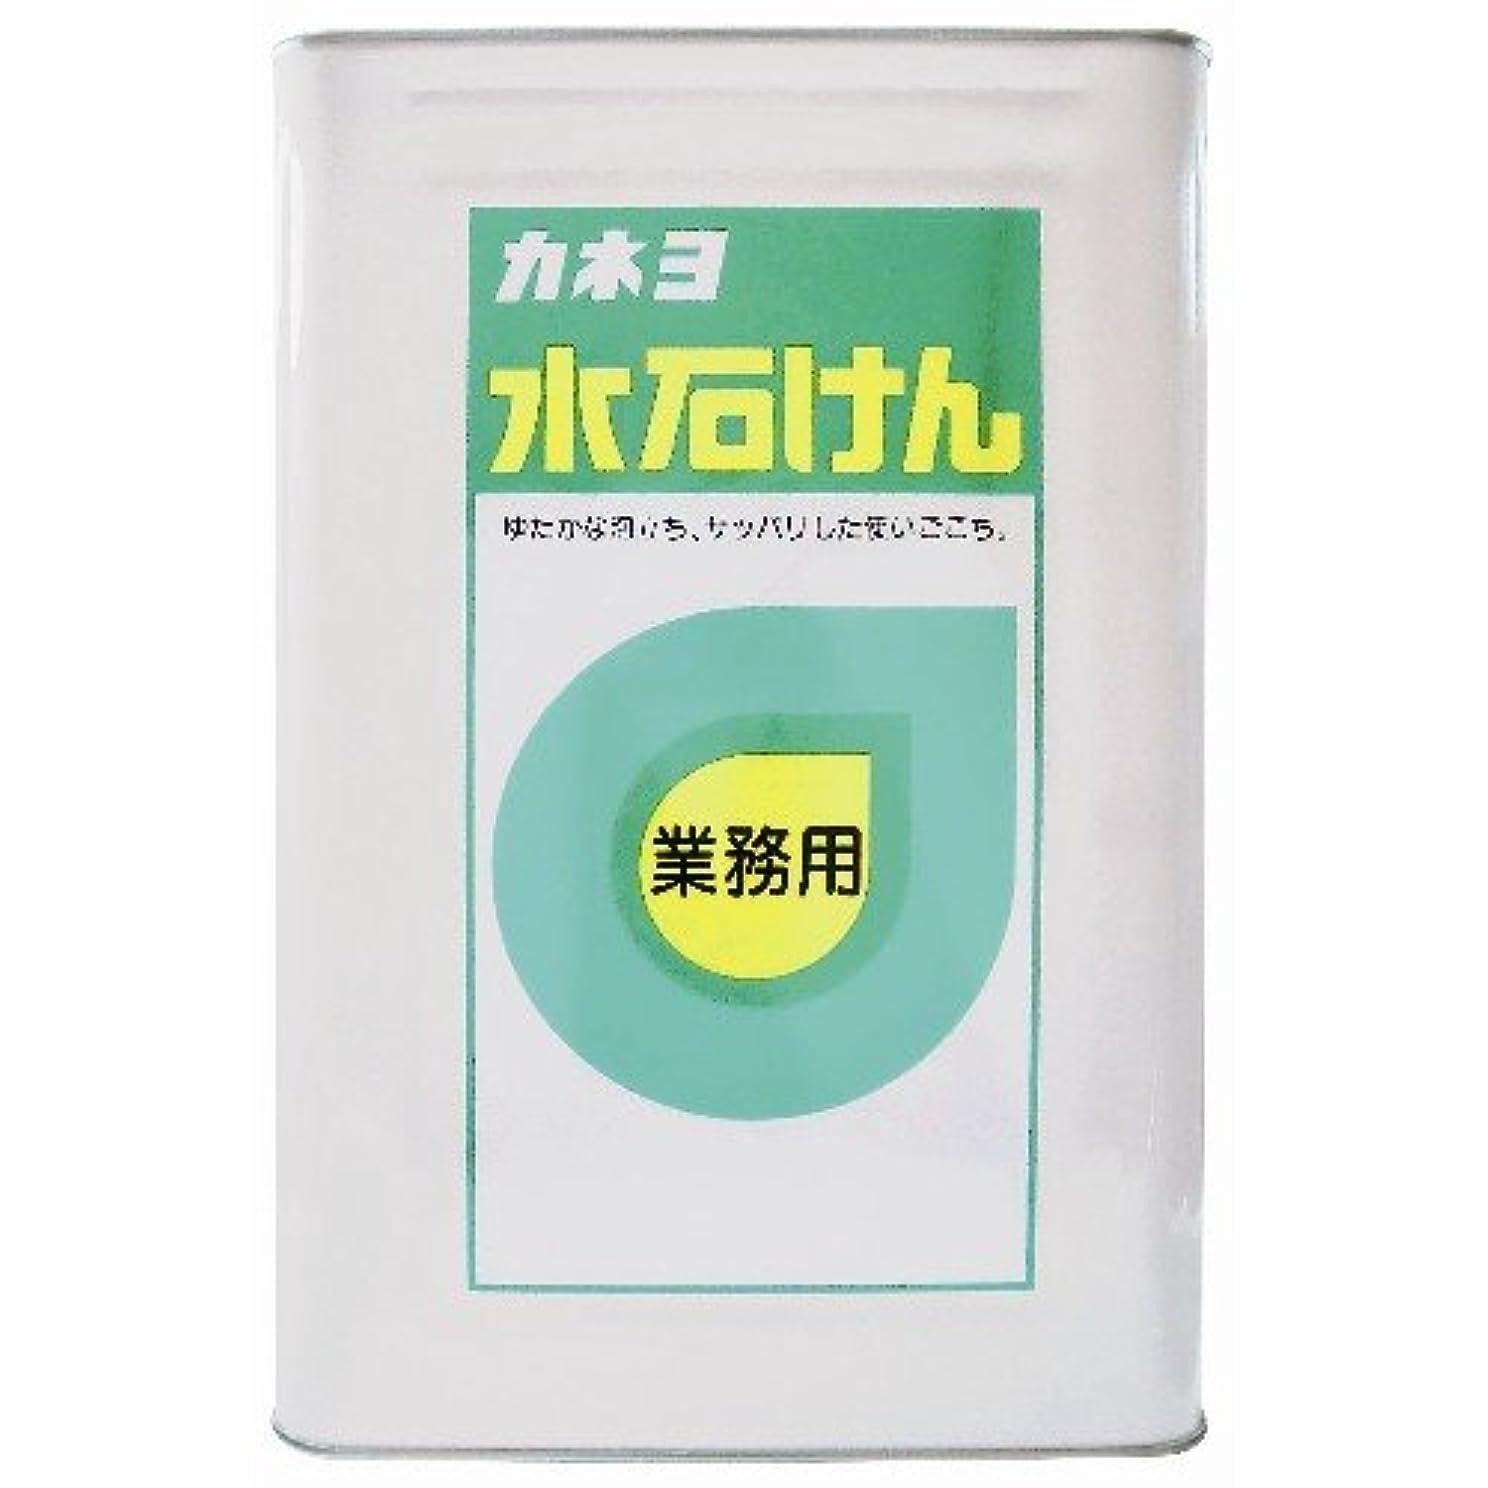 スパイ子供っぽい天才【大容量】 カネヨ石鹸 ハンドソープ 水石けん 液体 業務用 18L 一斗缶